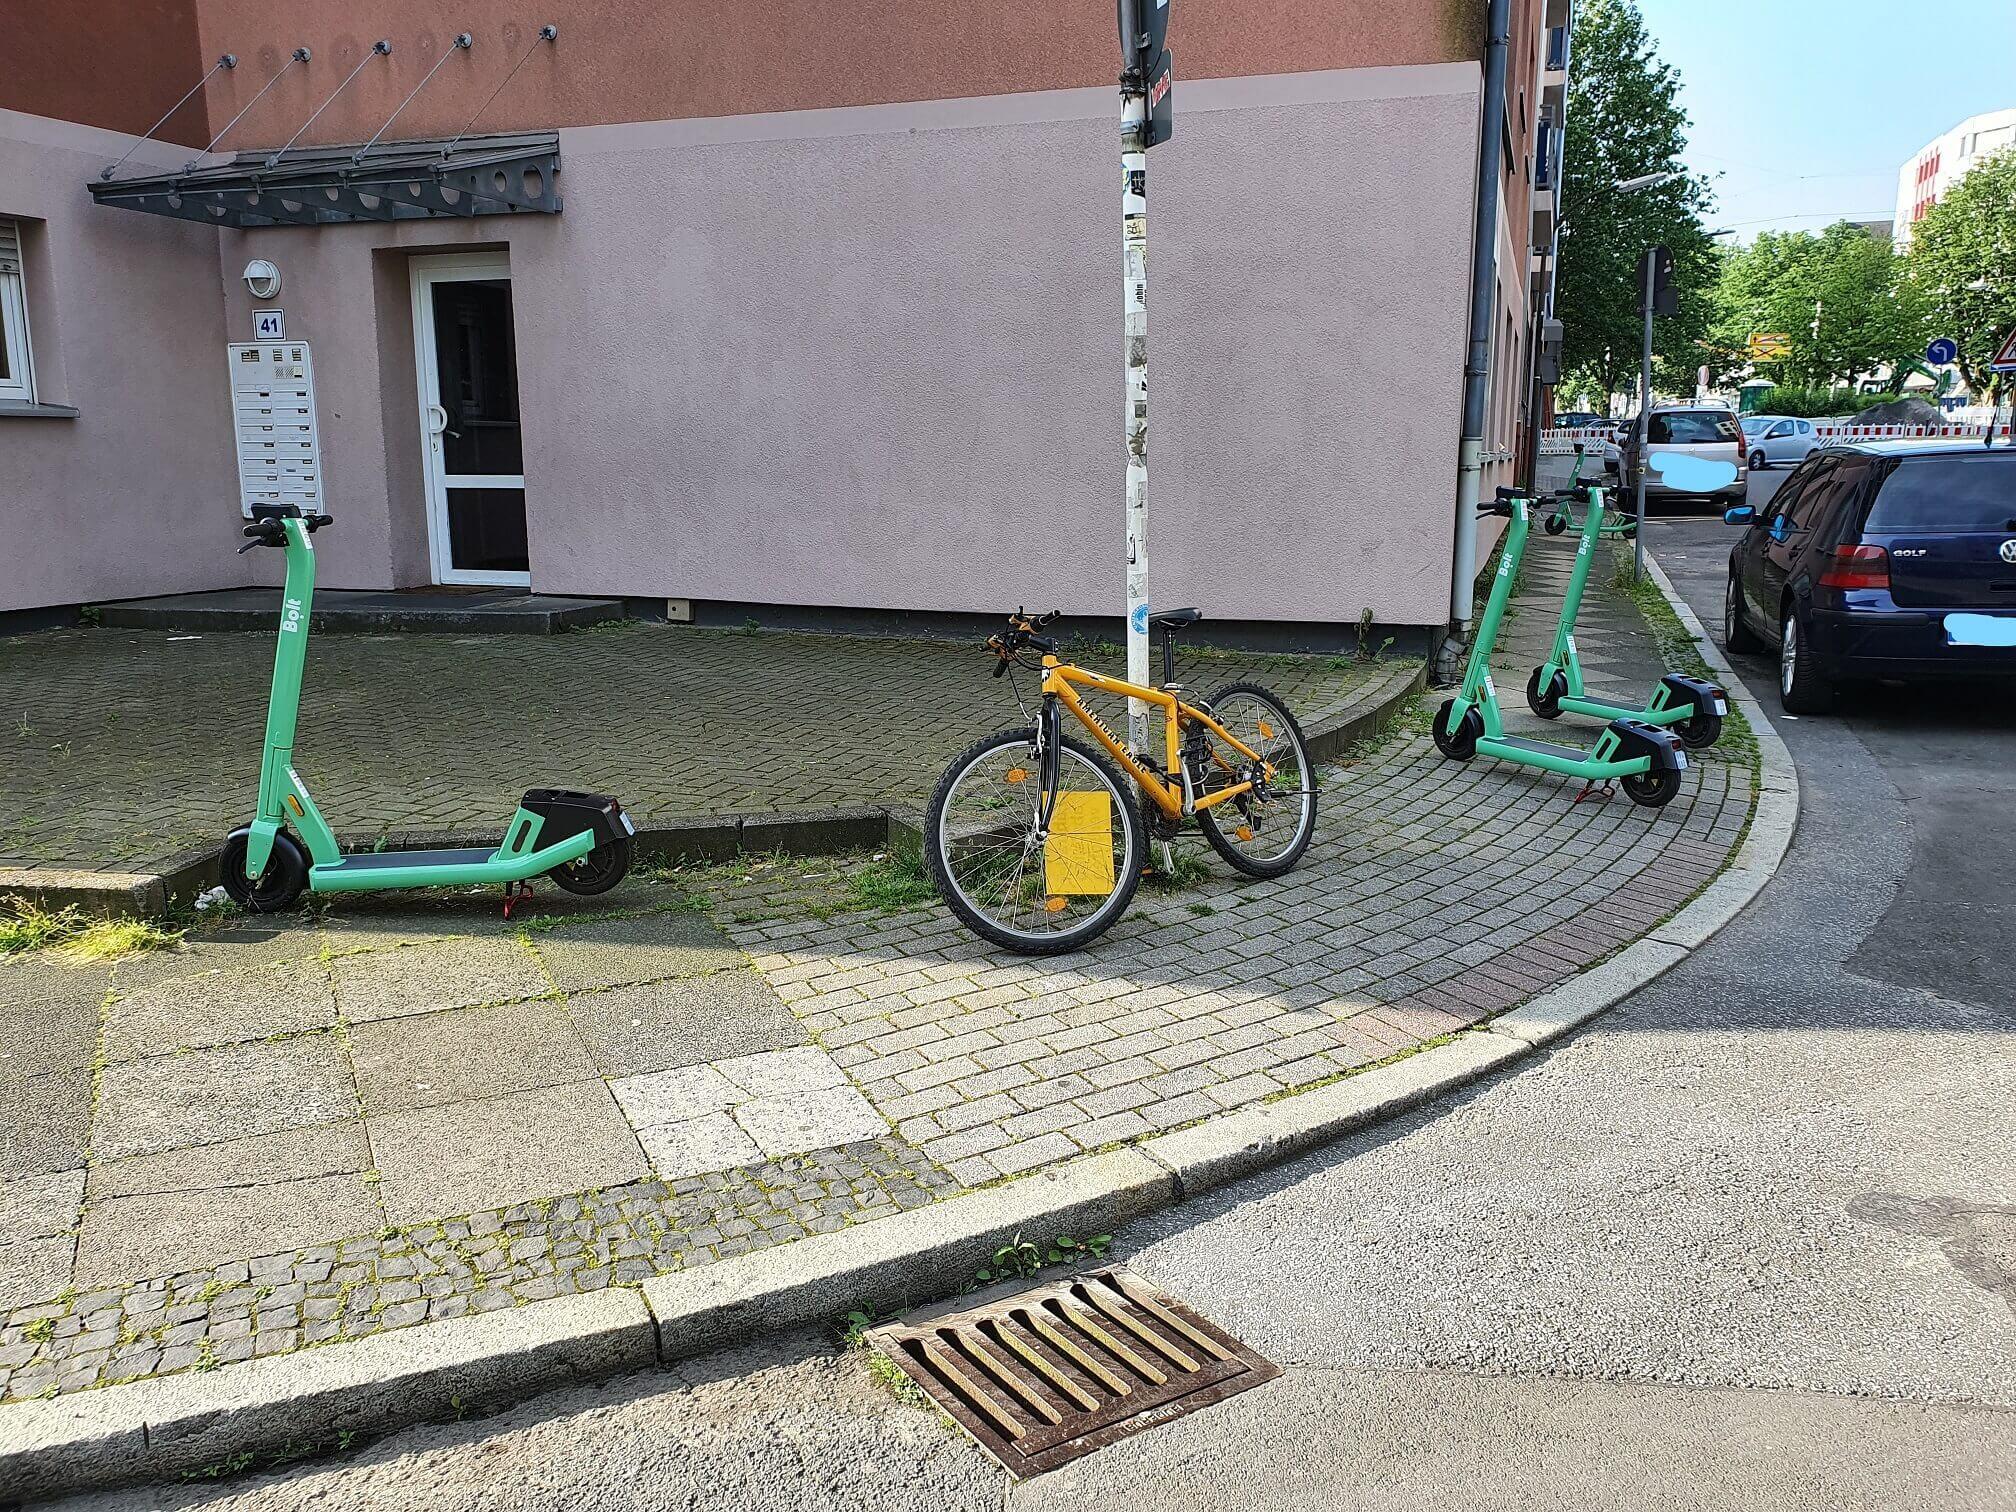 Drei gelbe E-Scooter und ein grünes Fahrrad, welche auf dem Gehweg abgestellt wurden.